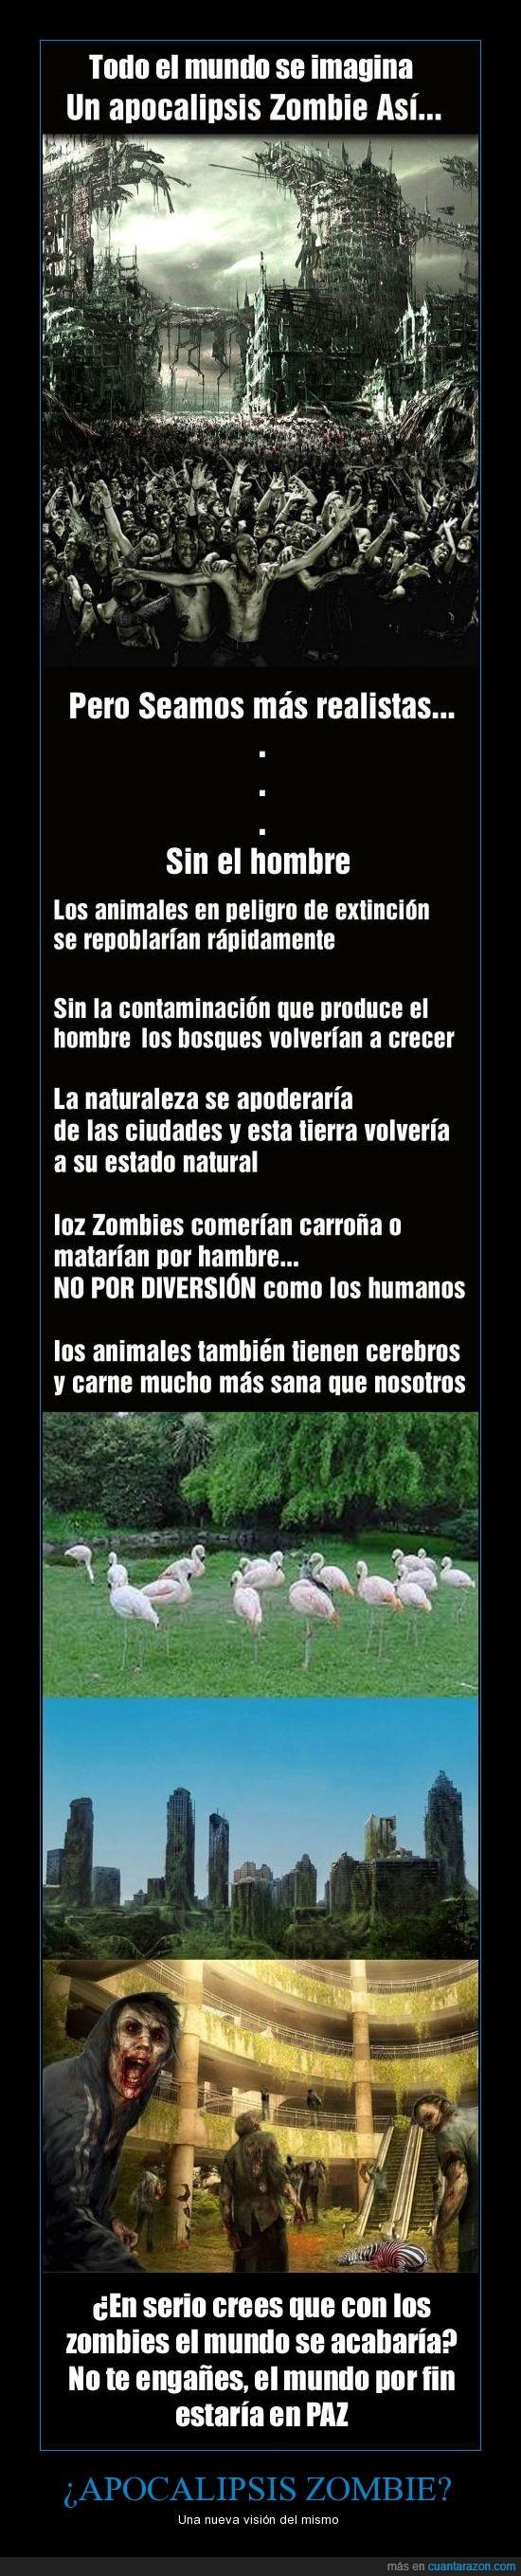 Apocalipsis,fin del mundo,humanos,muertos,realidad,reflexion,zombie